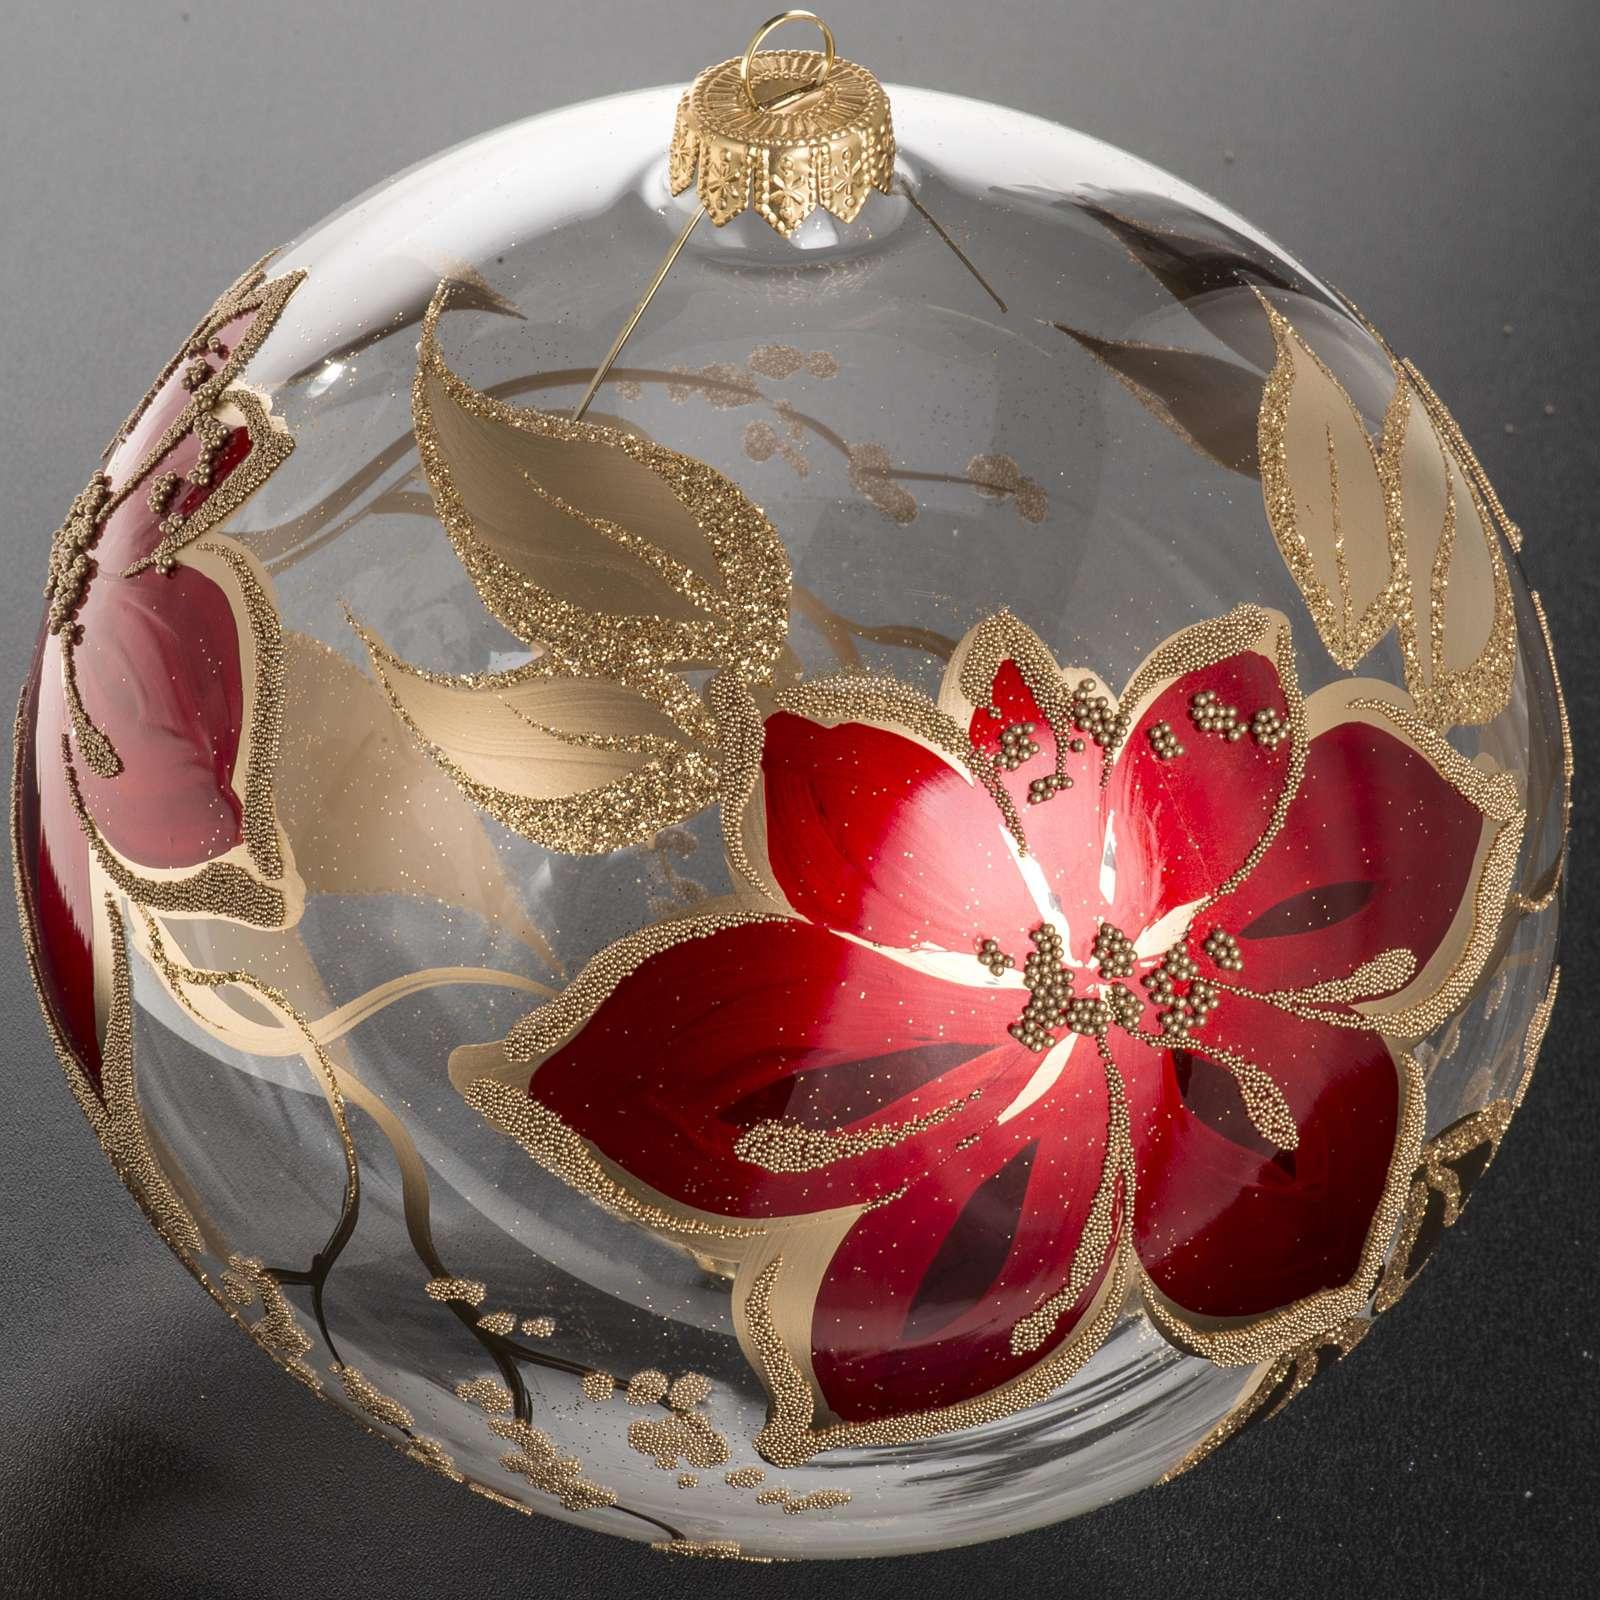 Bola de navidad vidrio soplado transparente flores rojas doradas 4